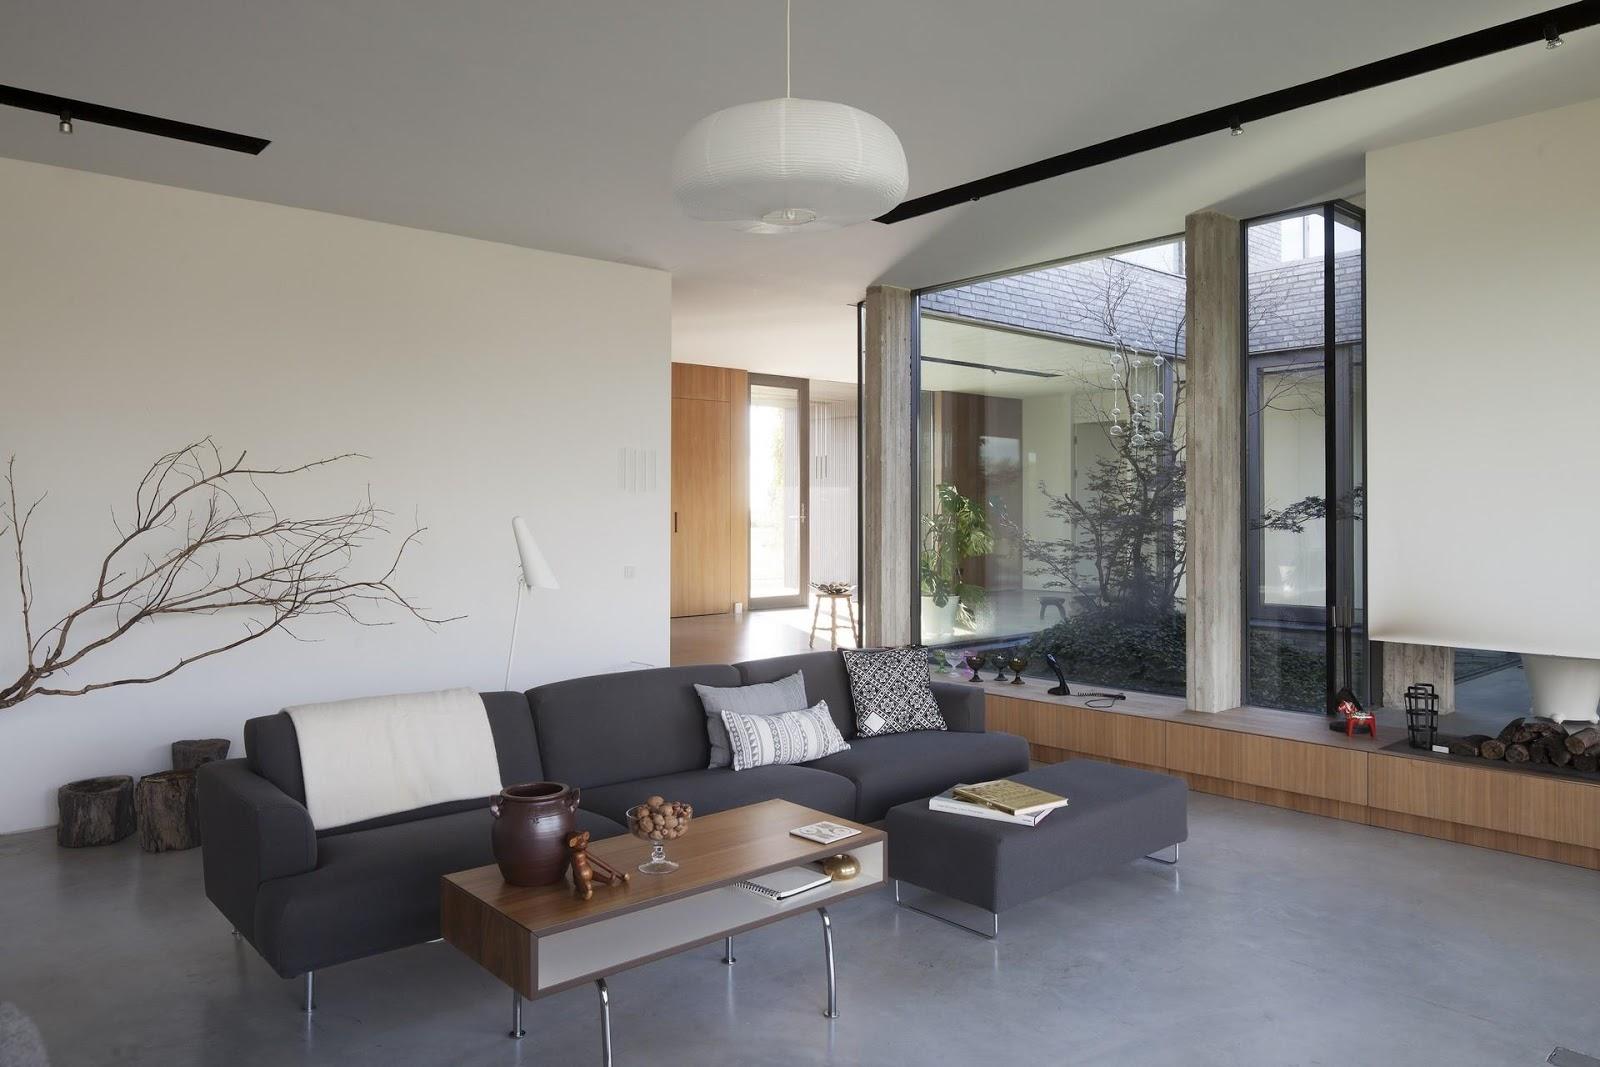 Cucine Con Angolo Cottura: Come arredare un soggiorno con angolo ...